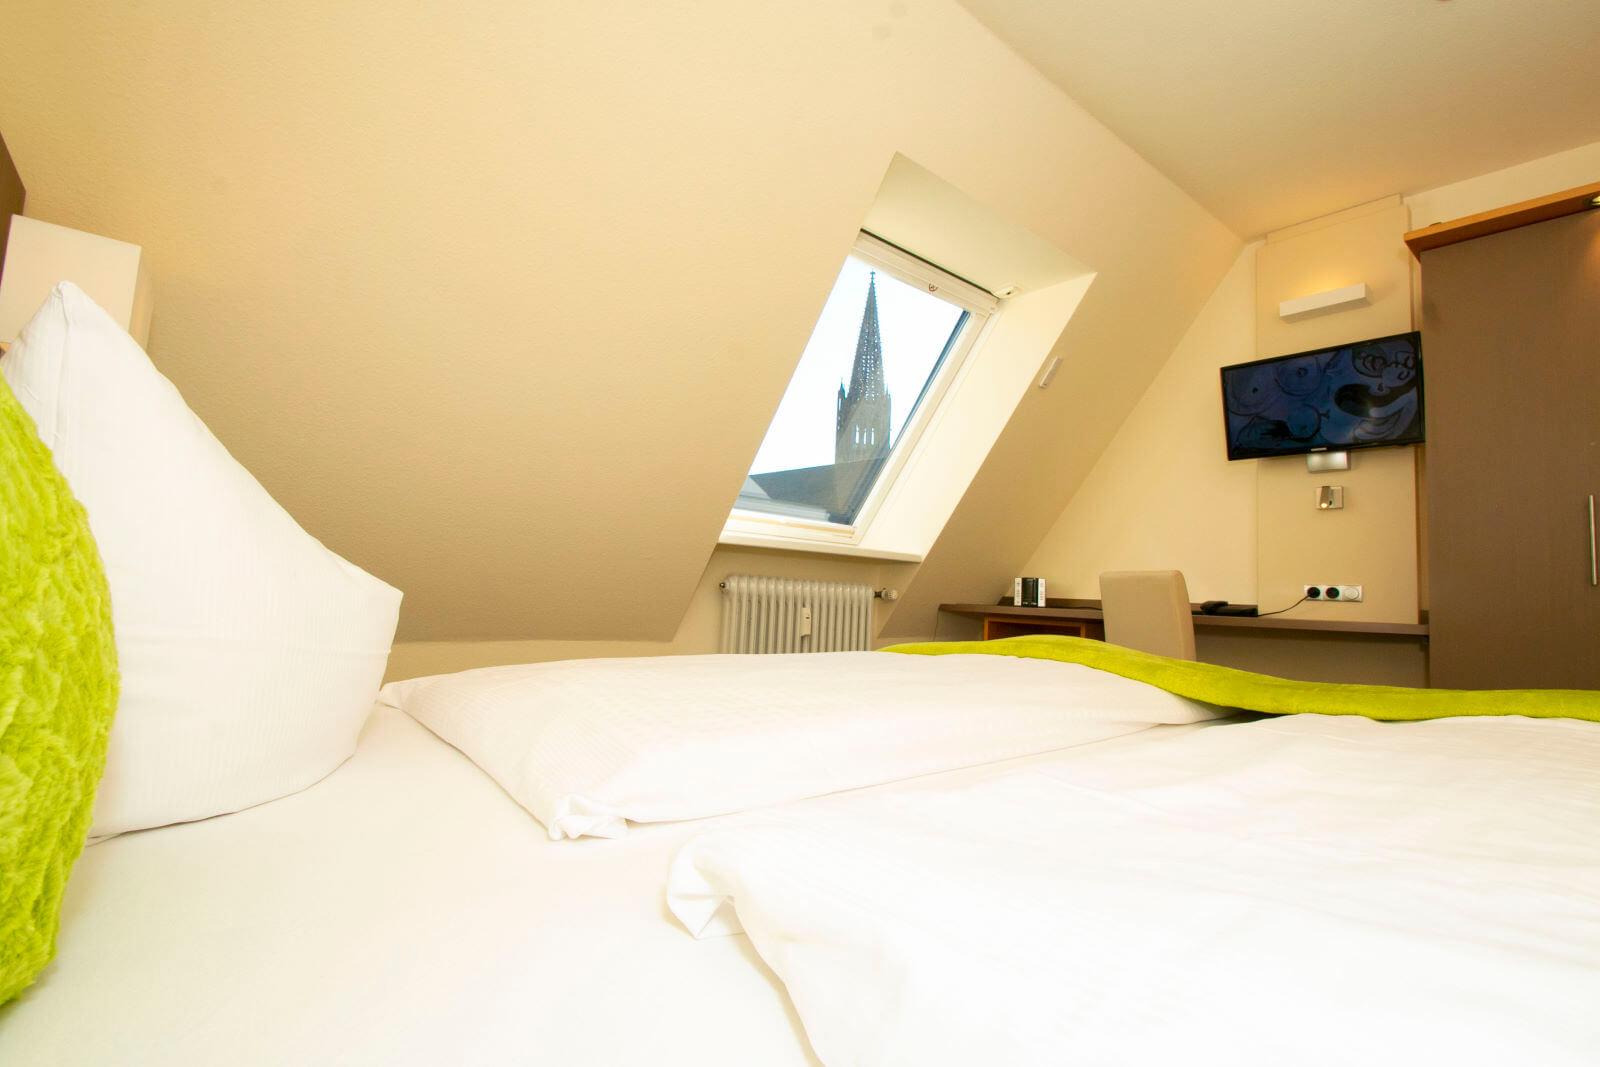 familienzimmer-suite-apartment-hotel-garni-pension-freiburg-cityhotel-innenstadt-guenstig (3)